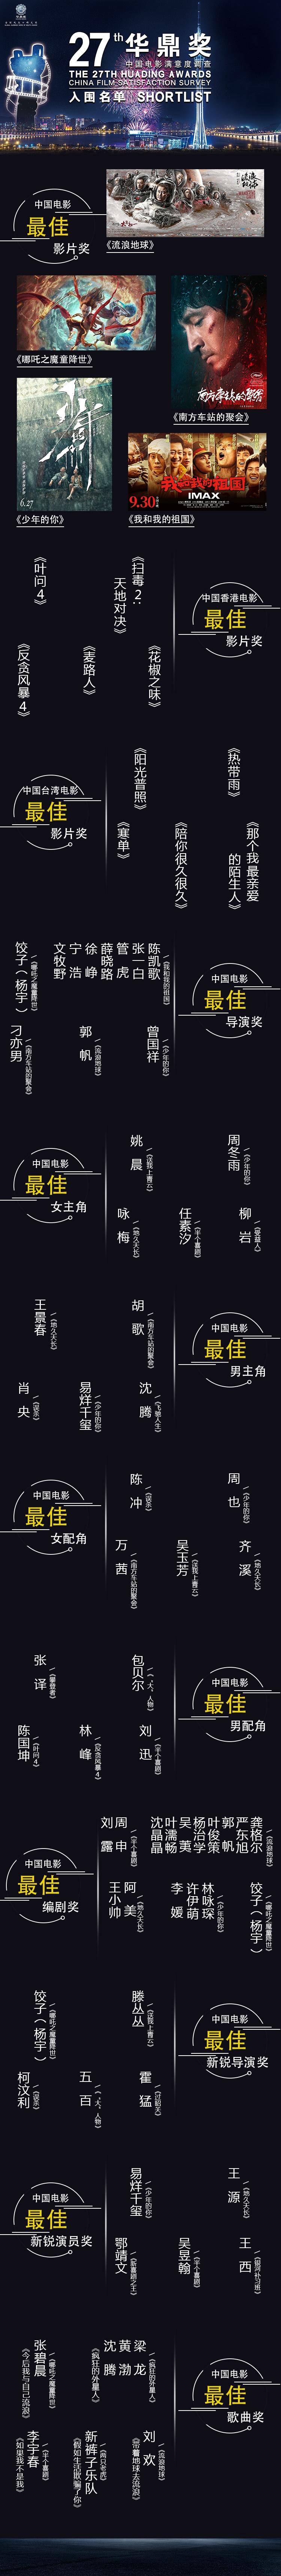 第27届华鼎奖曝提名 最佳男主角之争颇有悬念